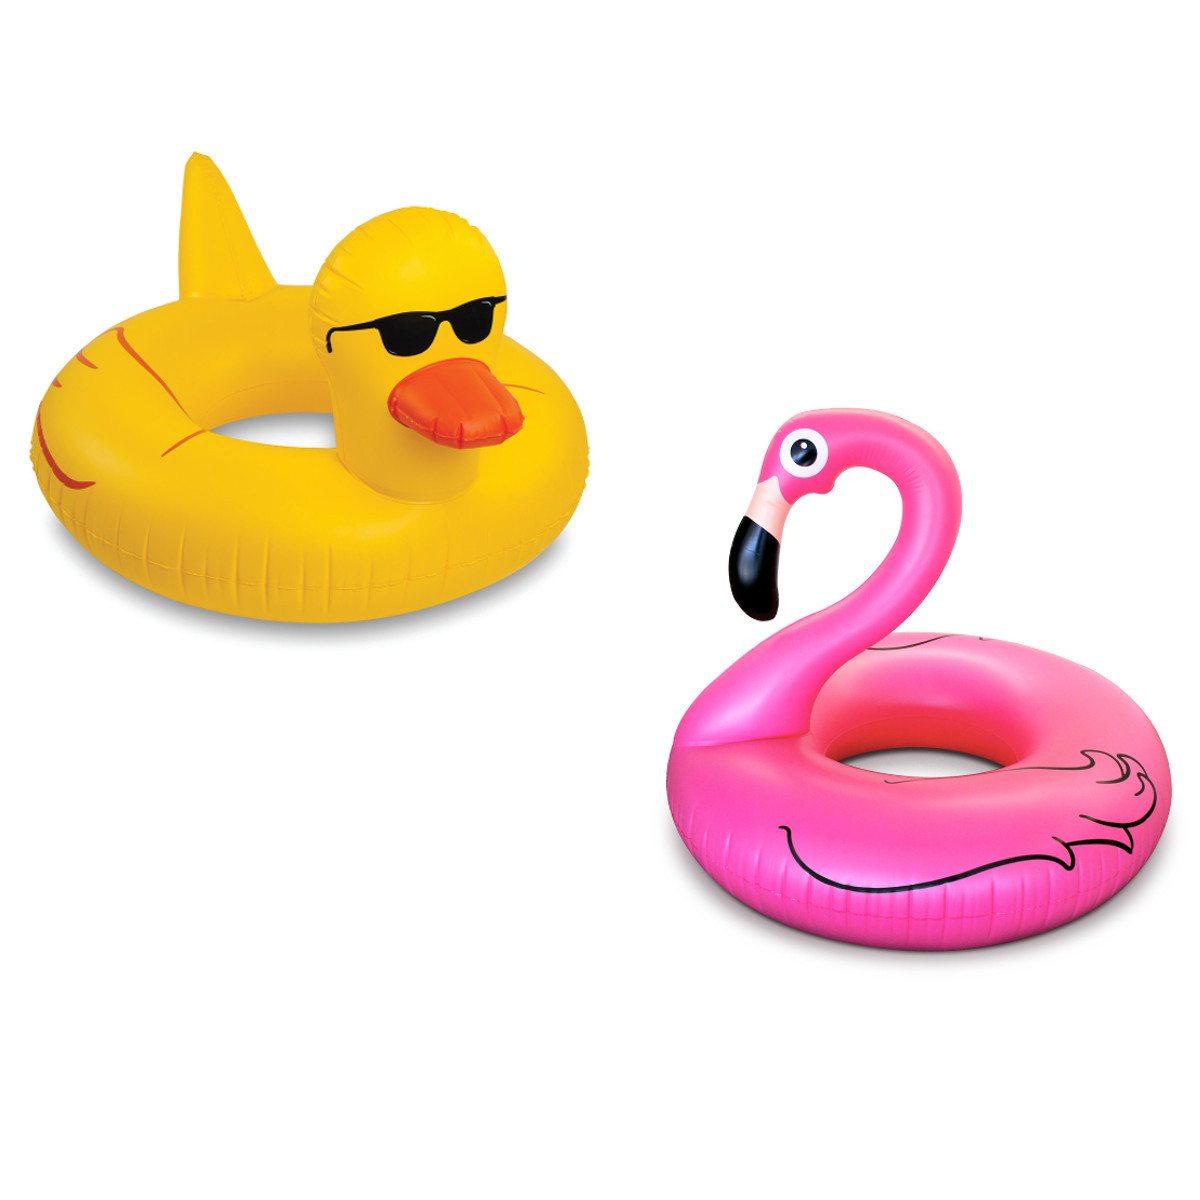 Flamingo- eller andeformet badering